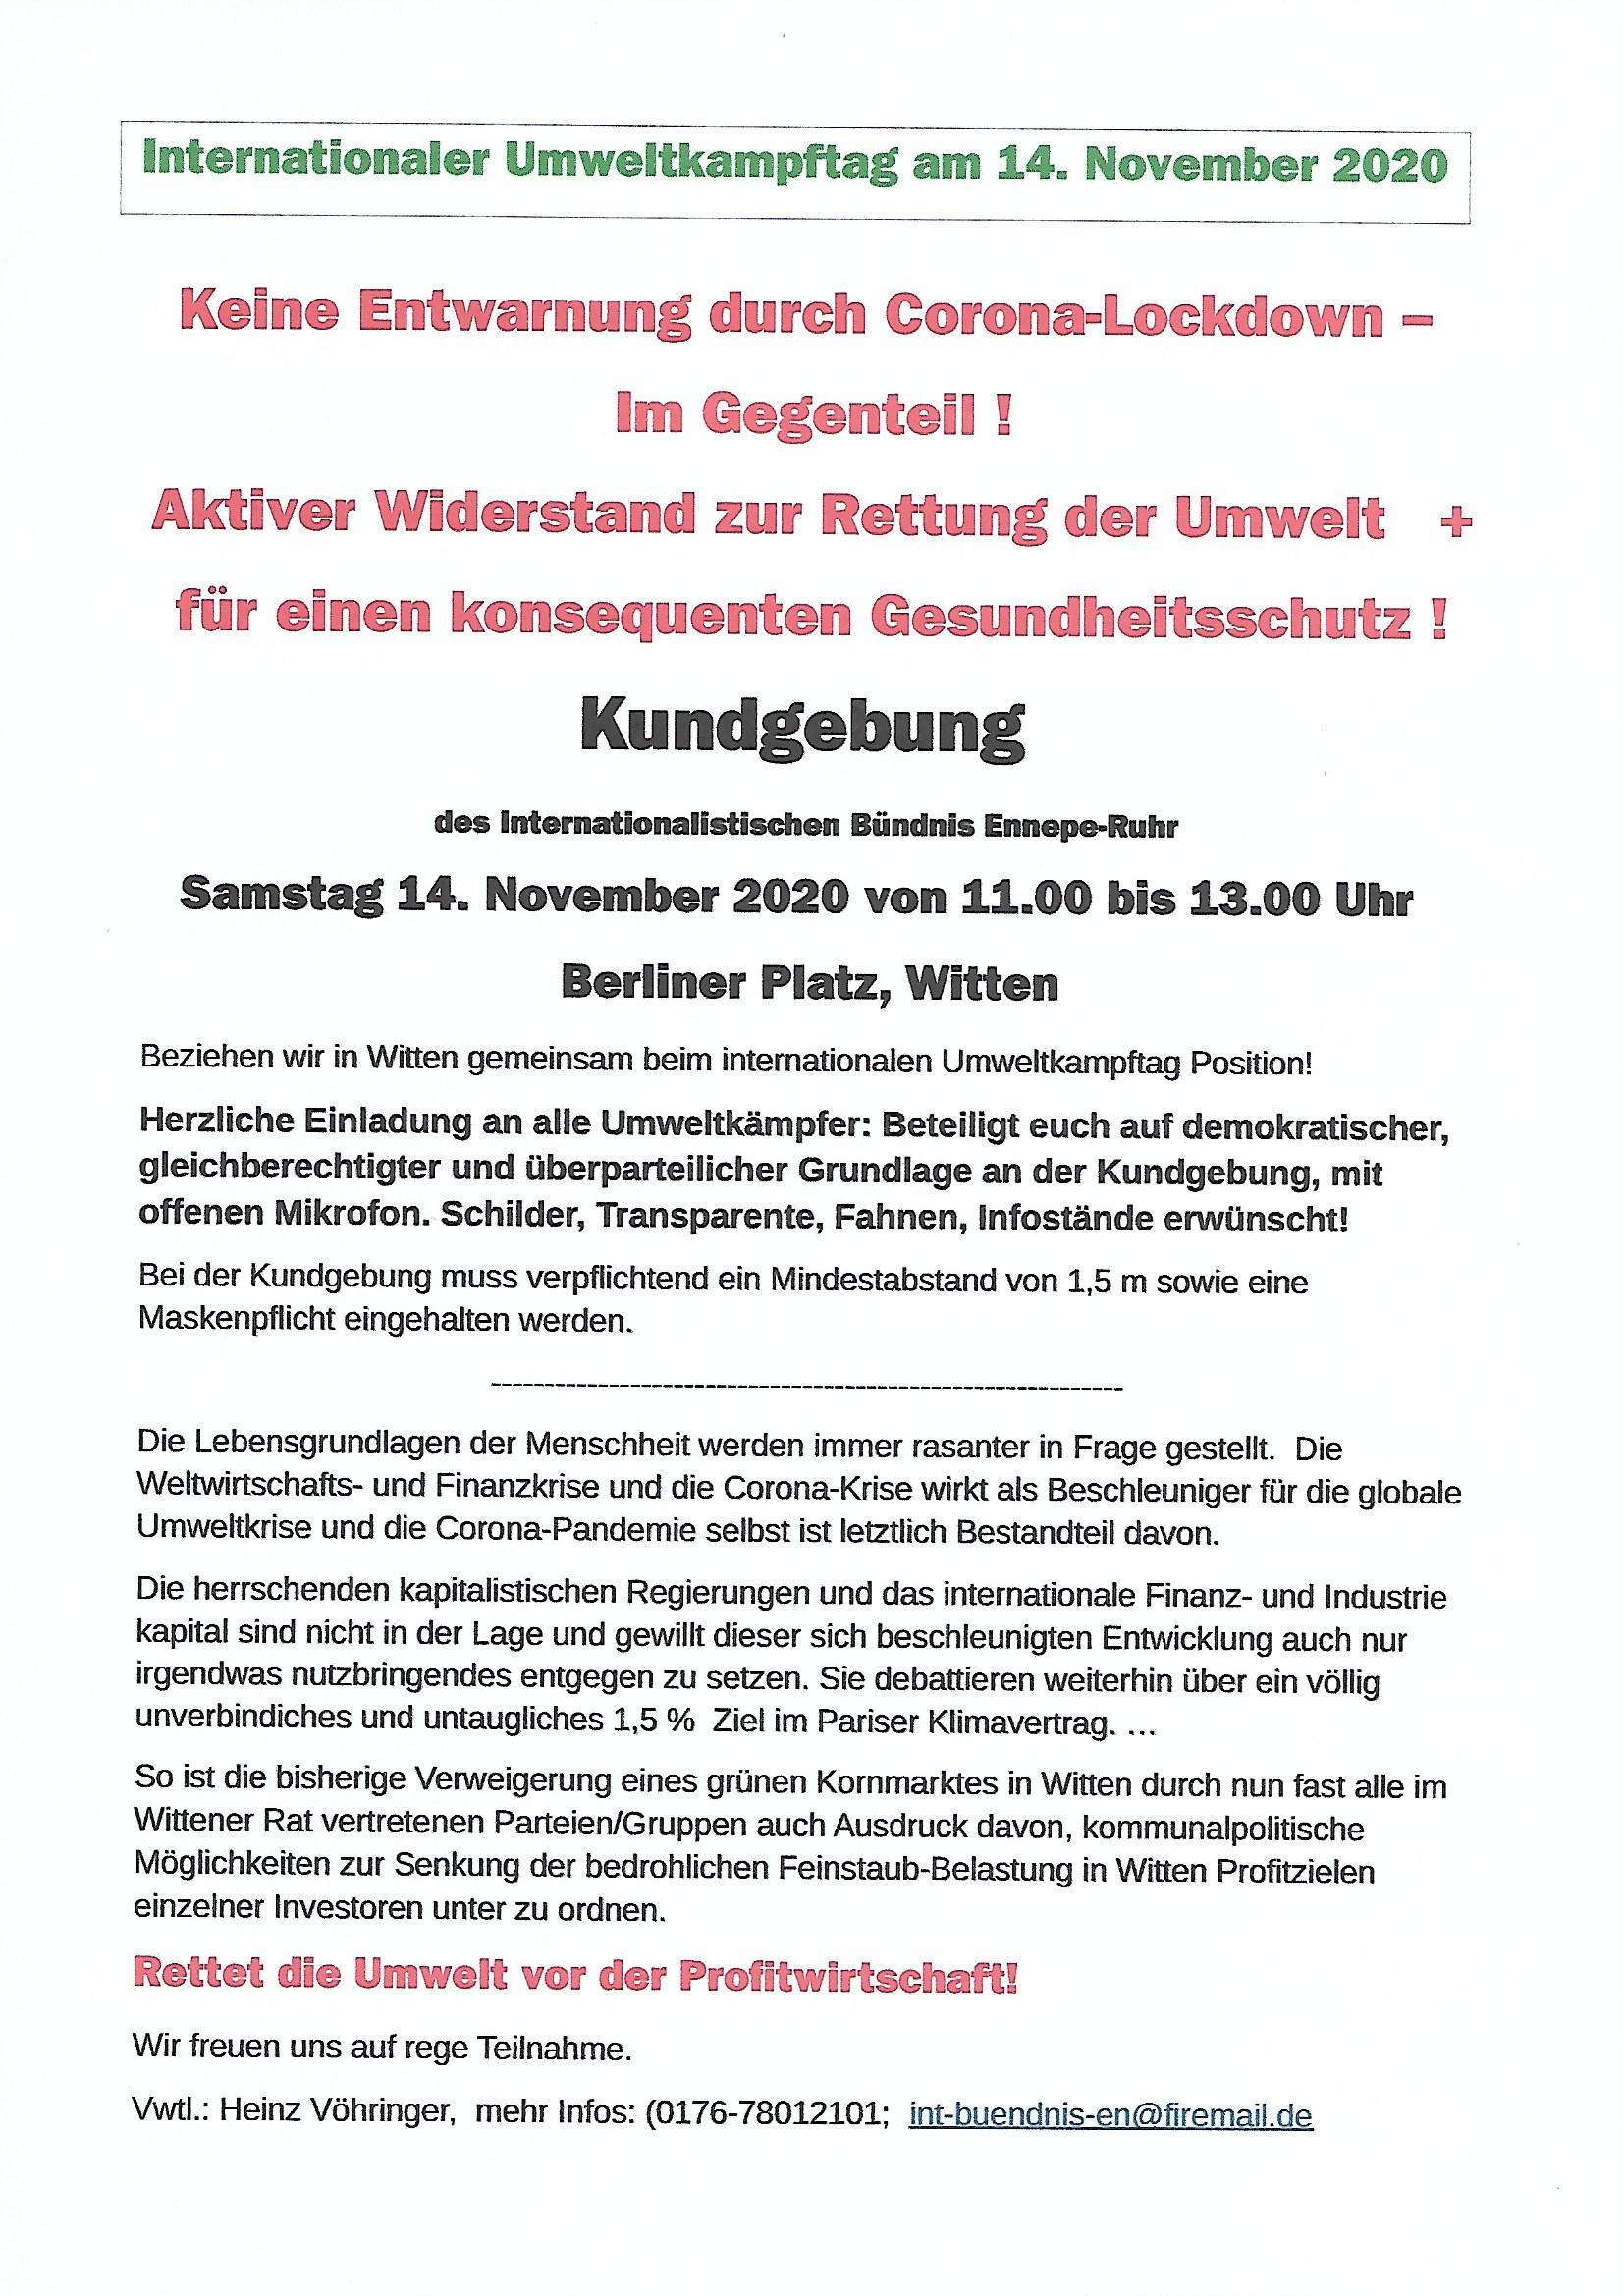 Kundgebung zum Internationalen Umweltkampftag in Witten